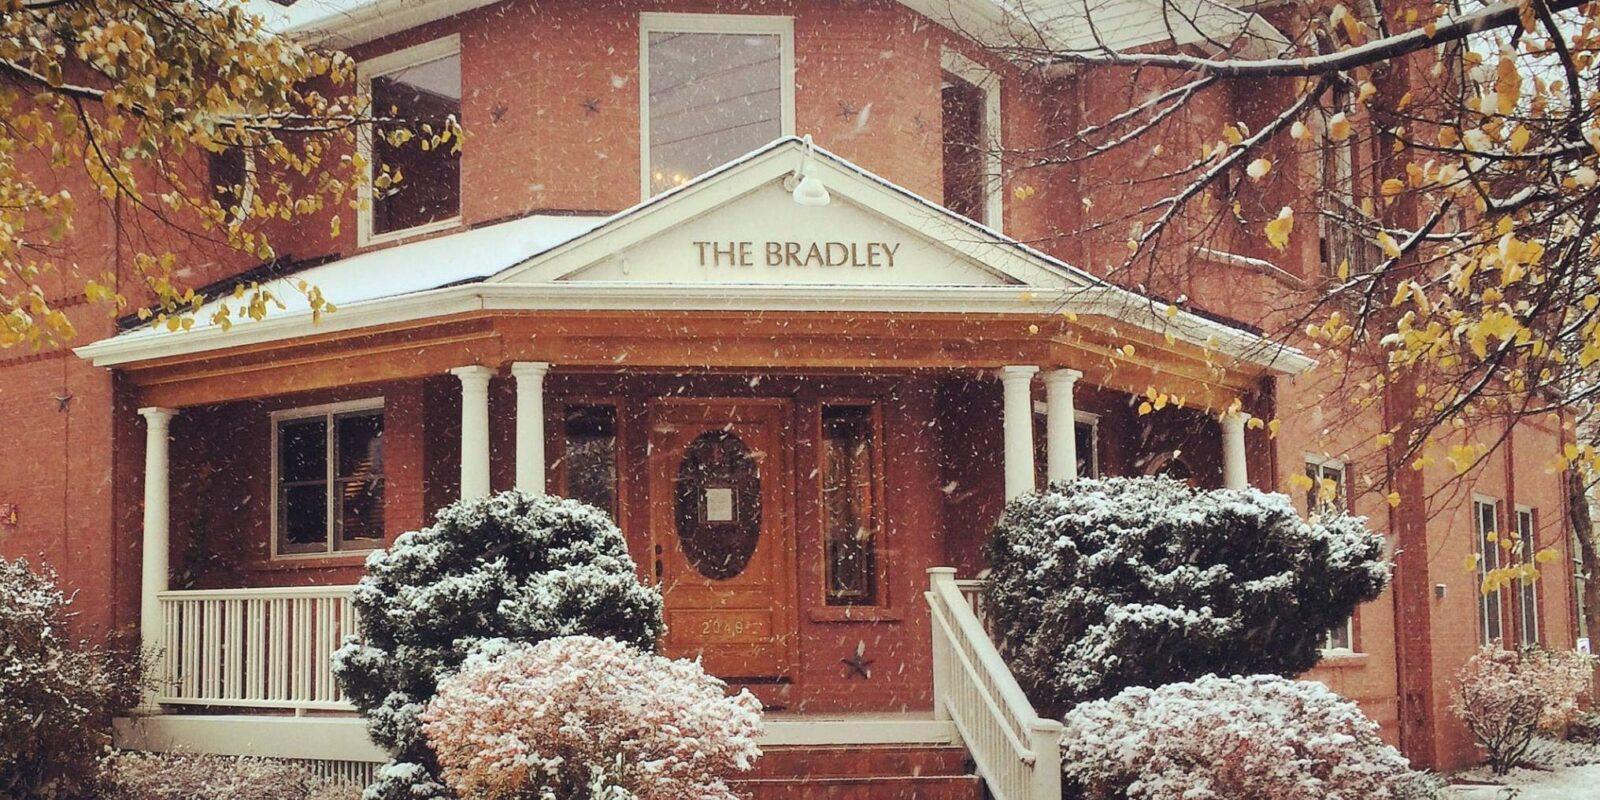 image of bradley boulder inn